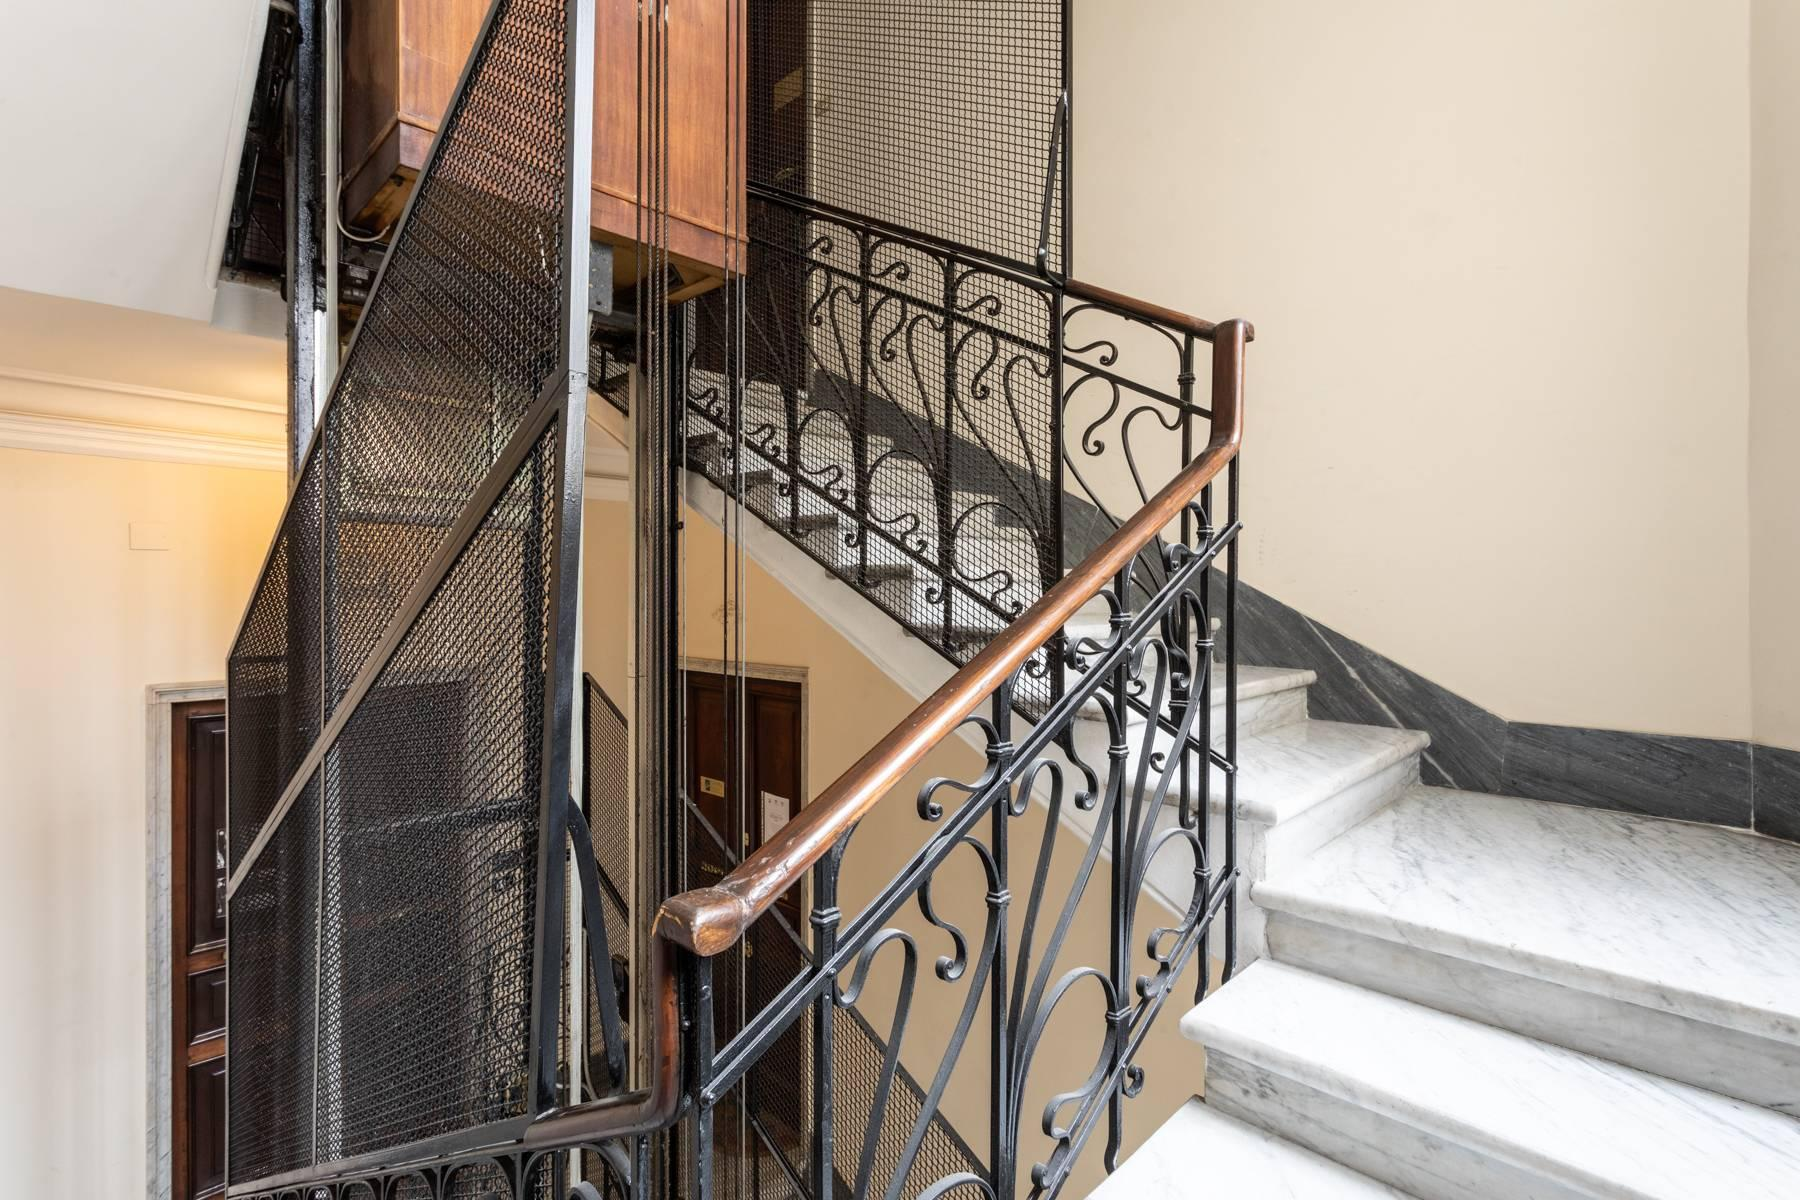 Appartamento dal design moderno a pochi passi da piazza del Popolo - 18